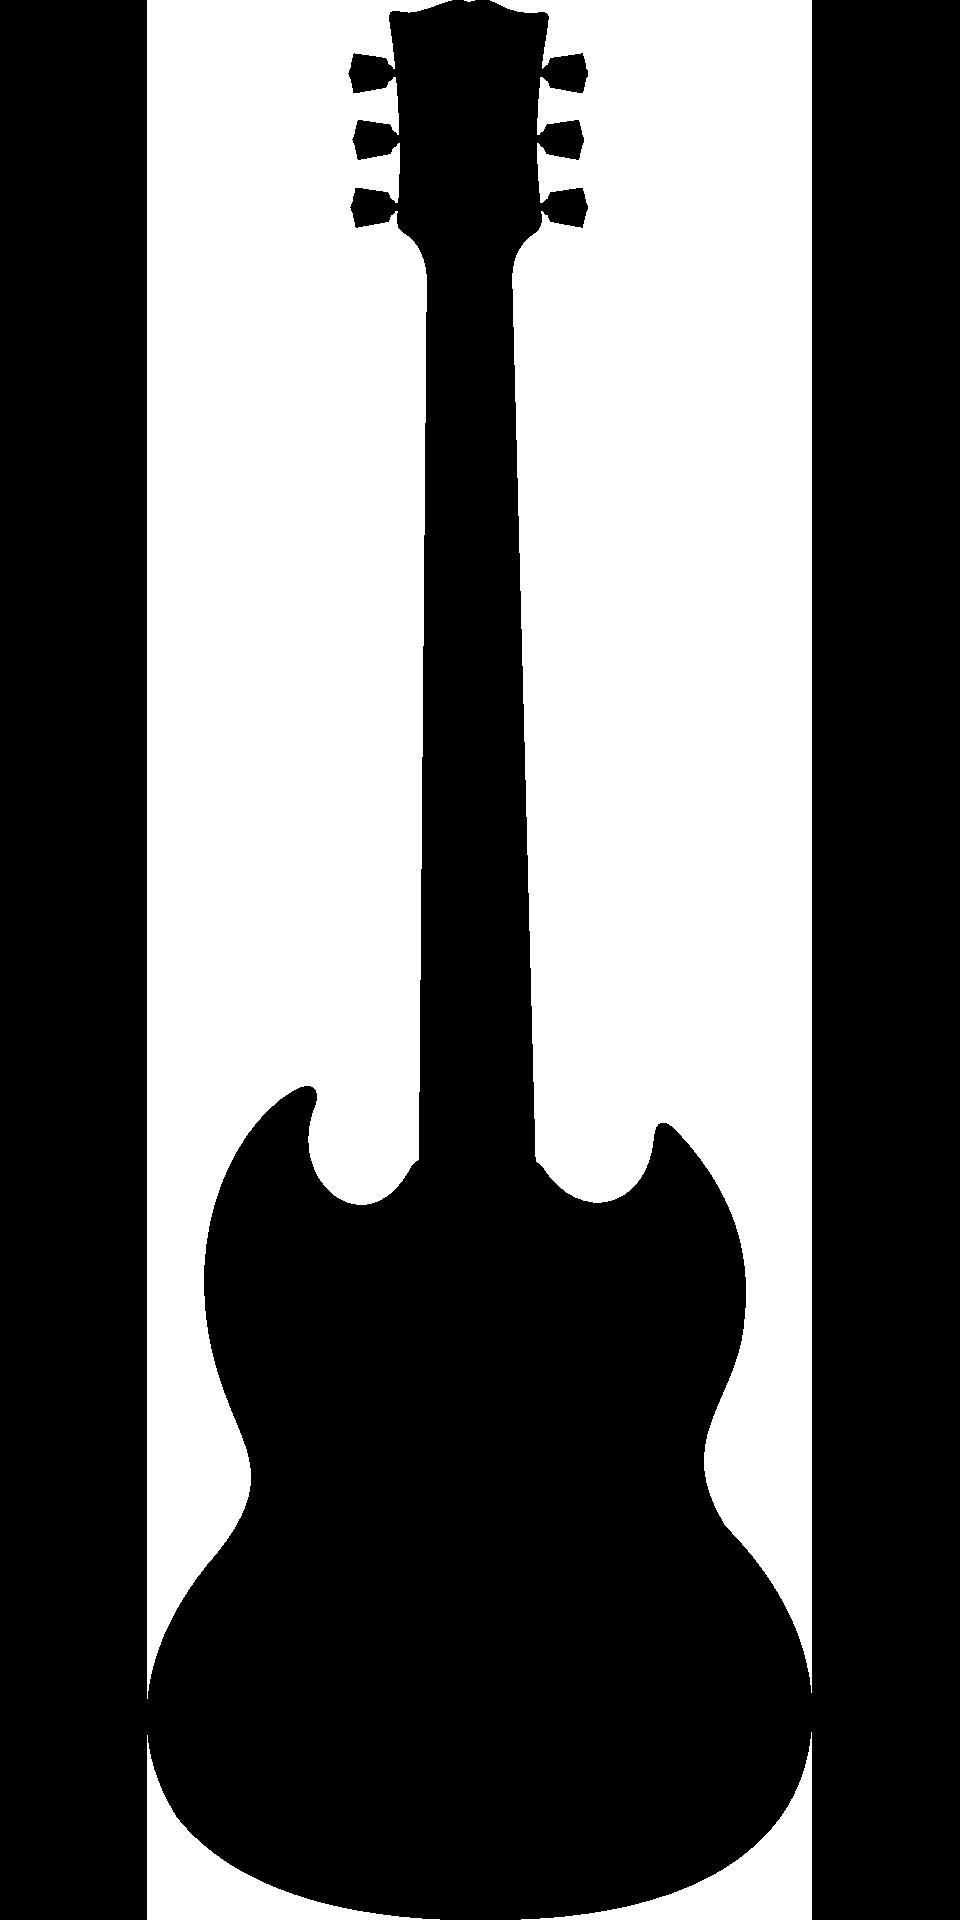 Wing clipart guitar. Guitarist silhouette at getdrawings